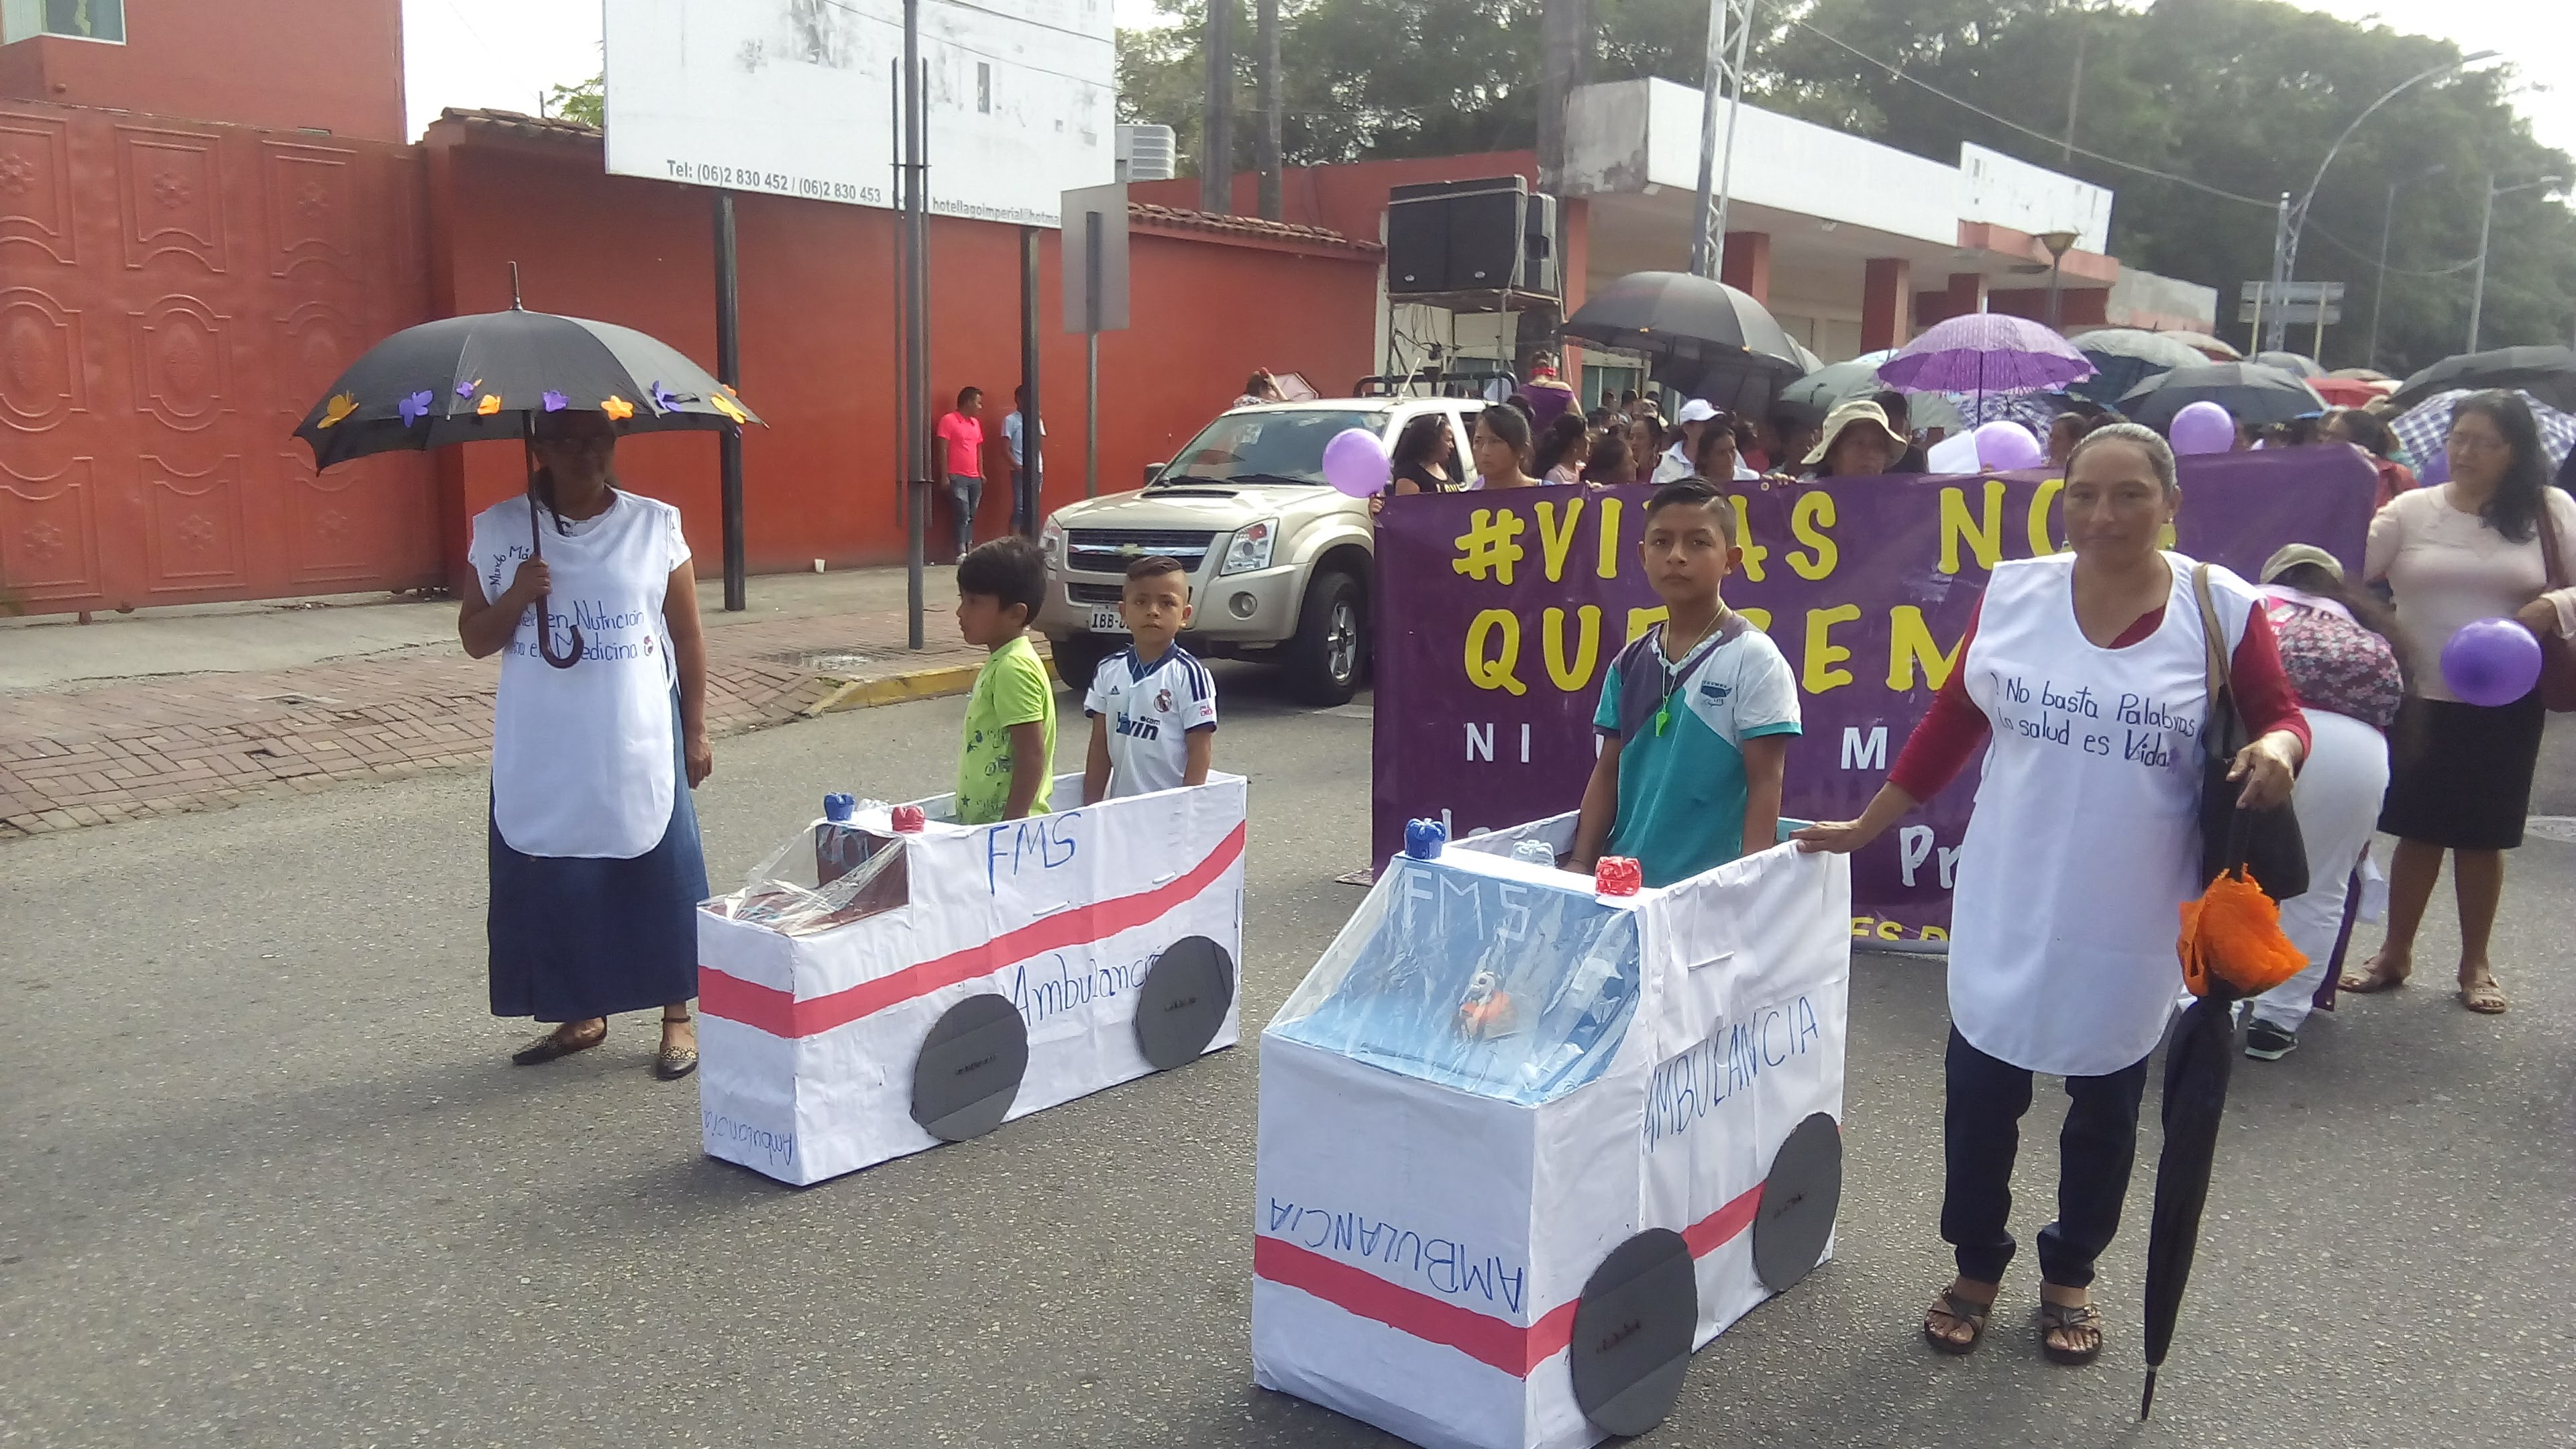 Frauen demonstrieren für ihr Recht auf Gesundheit